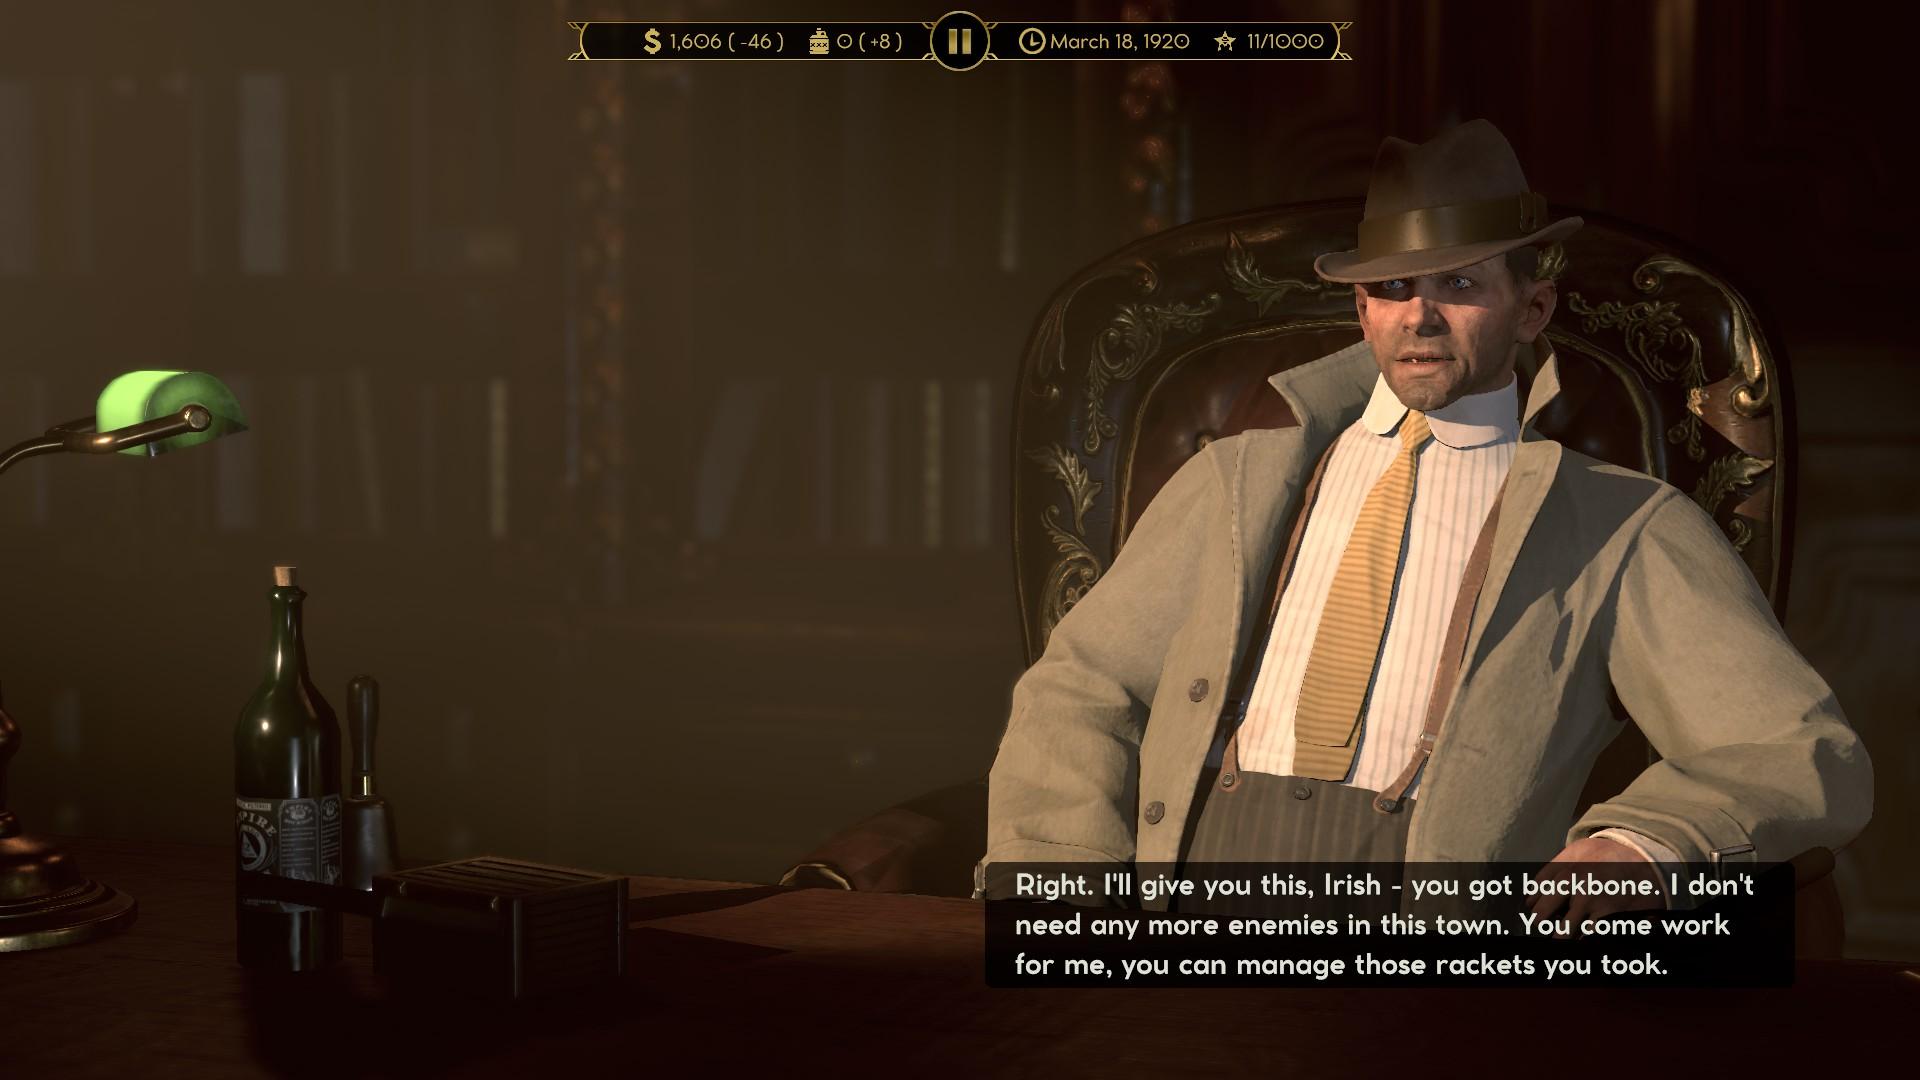 Plusieurs bogues visuels peuvent survenir lors des entretiens entre les différents boss de la mafia.